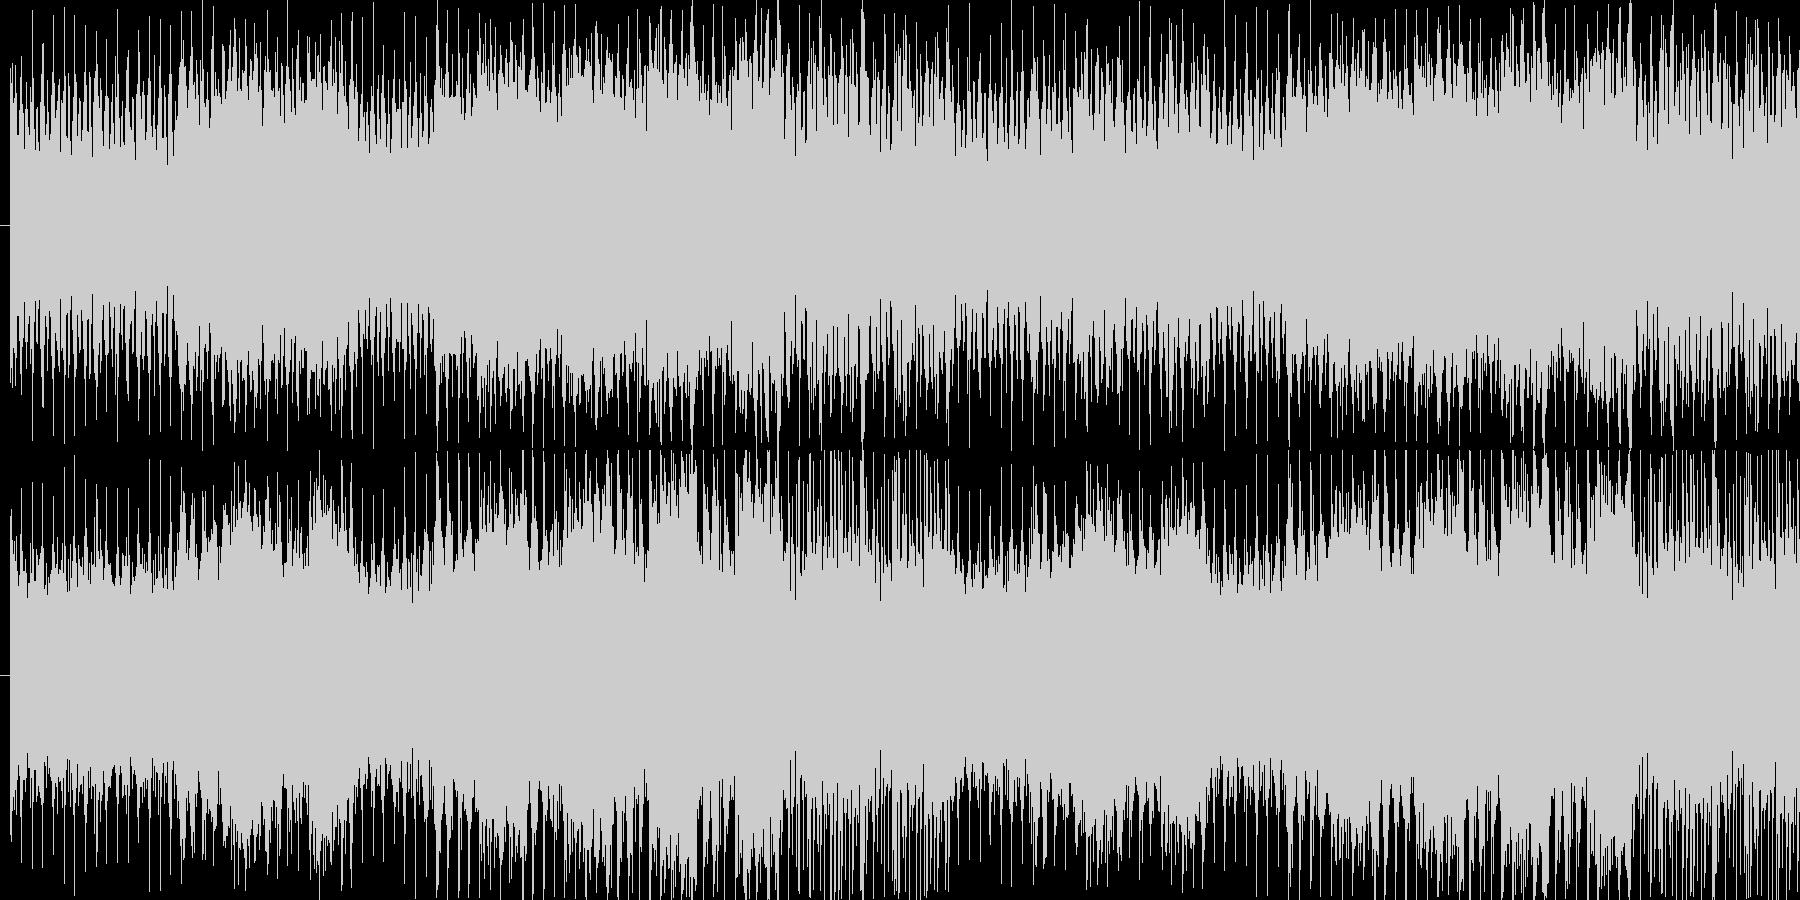 パワフルで神秘的なゲーム音楽の未再生の波形